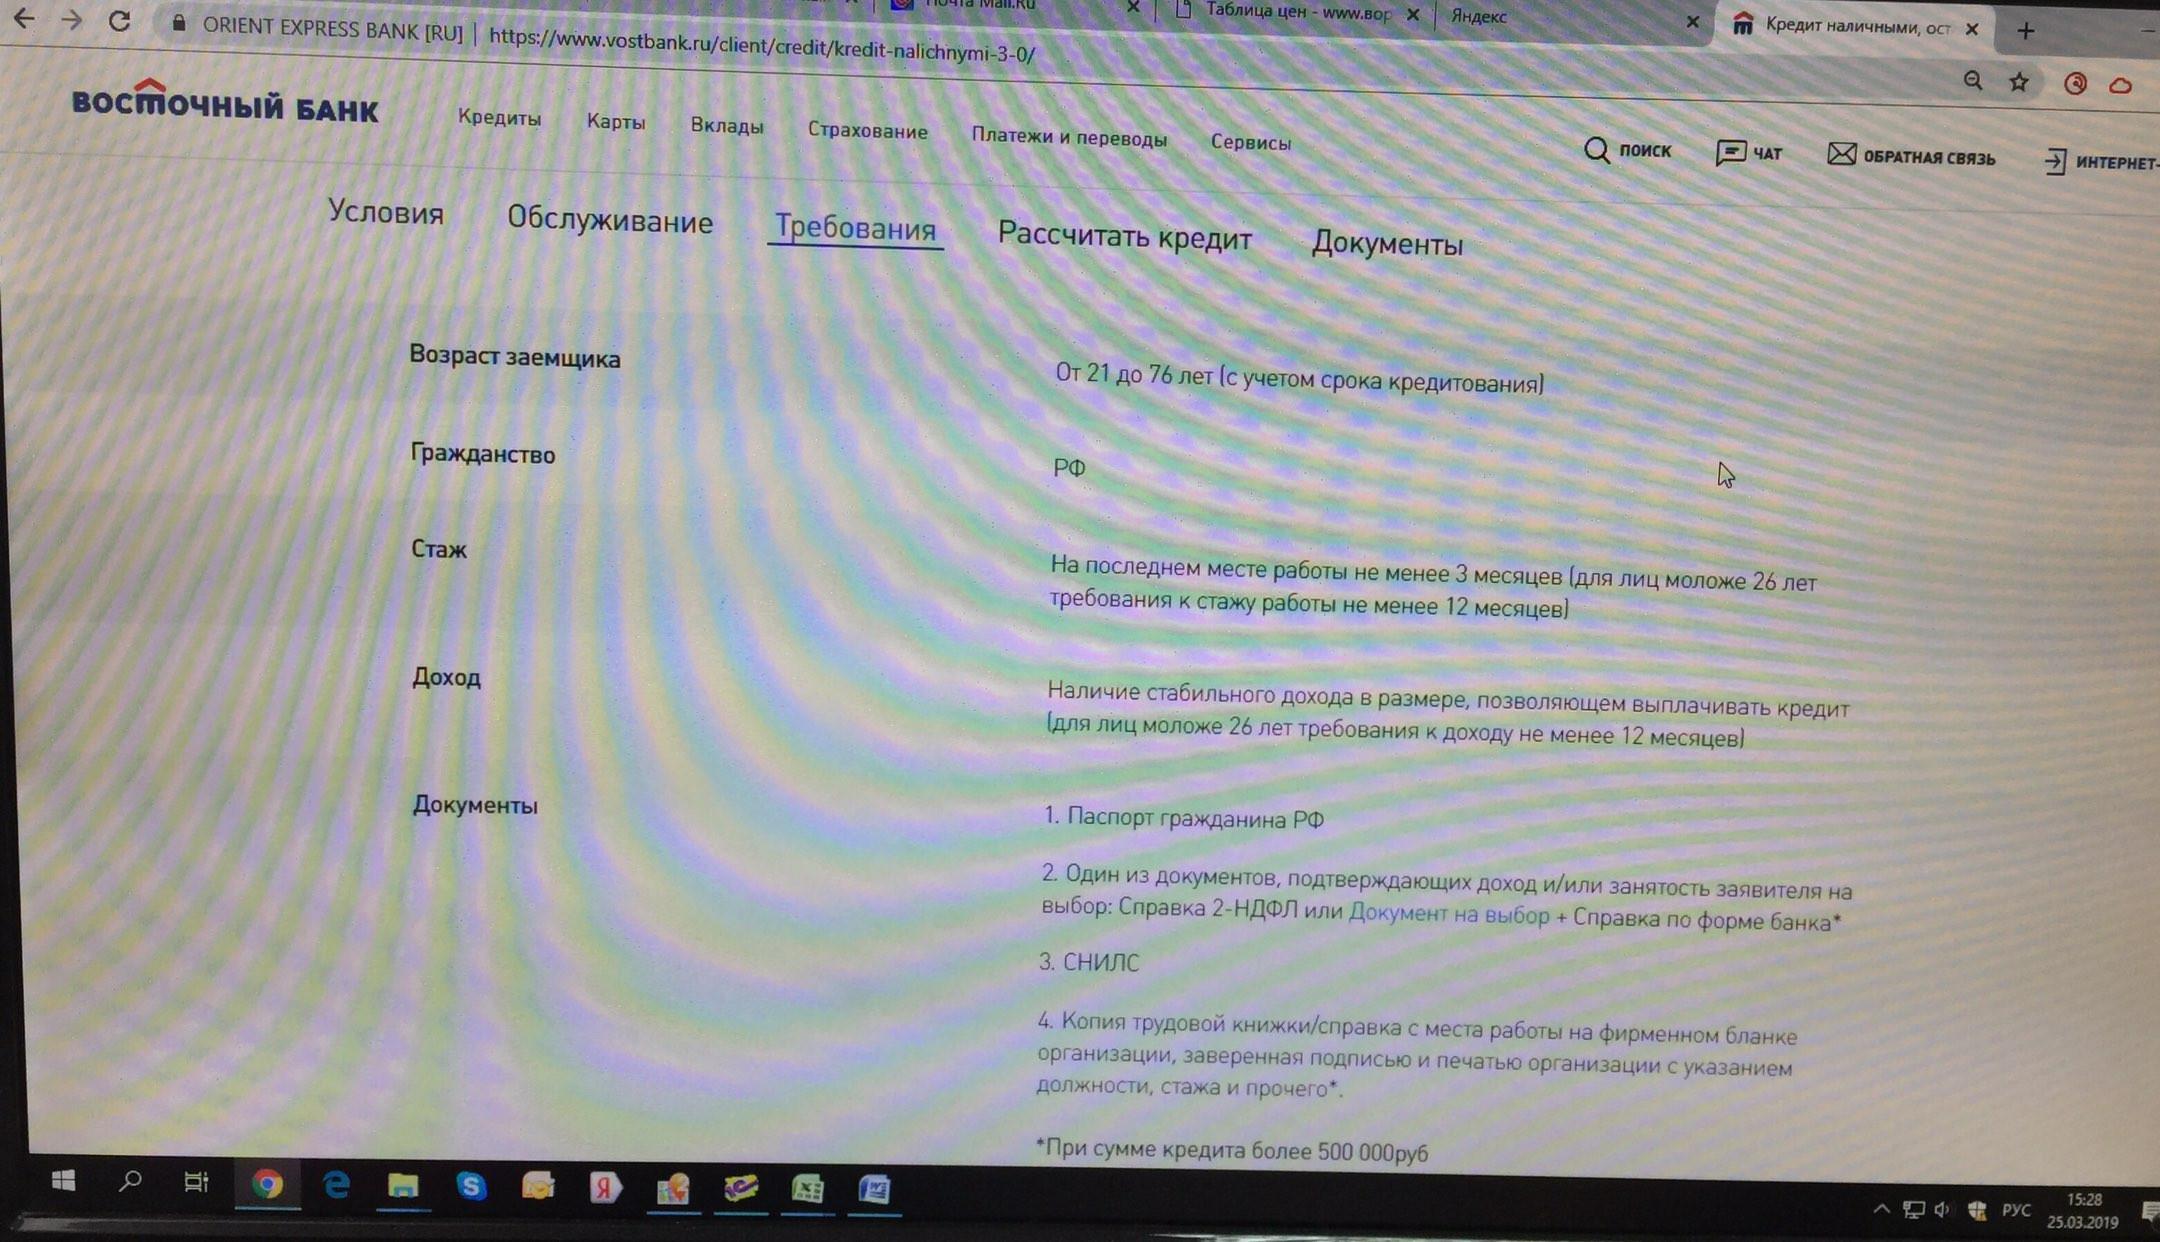 документы для кредита в восточном райффайзенбанк рефинансирование потребительского кредита отзывы